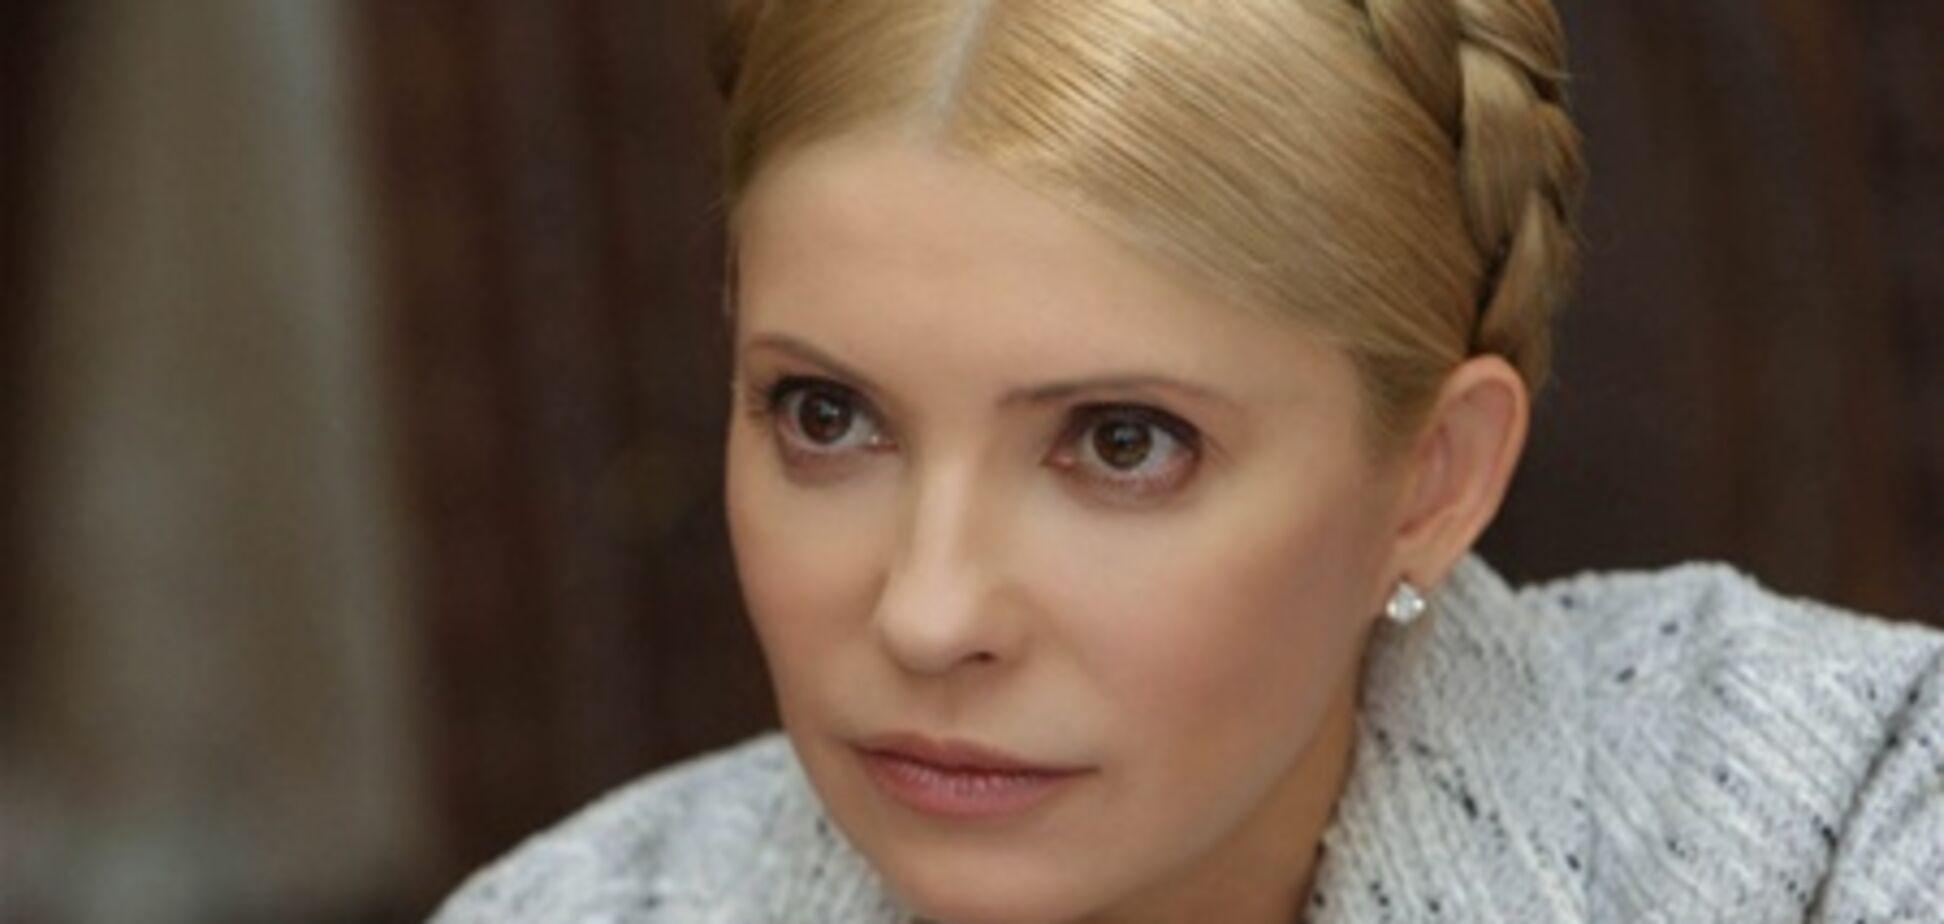 Кабмин намерен амнистировать 1,5 тыс. осужденных, но не Тимошенко